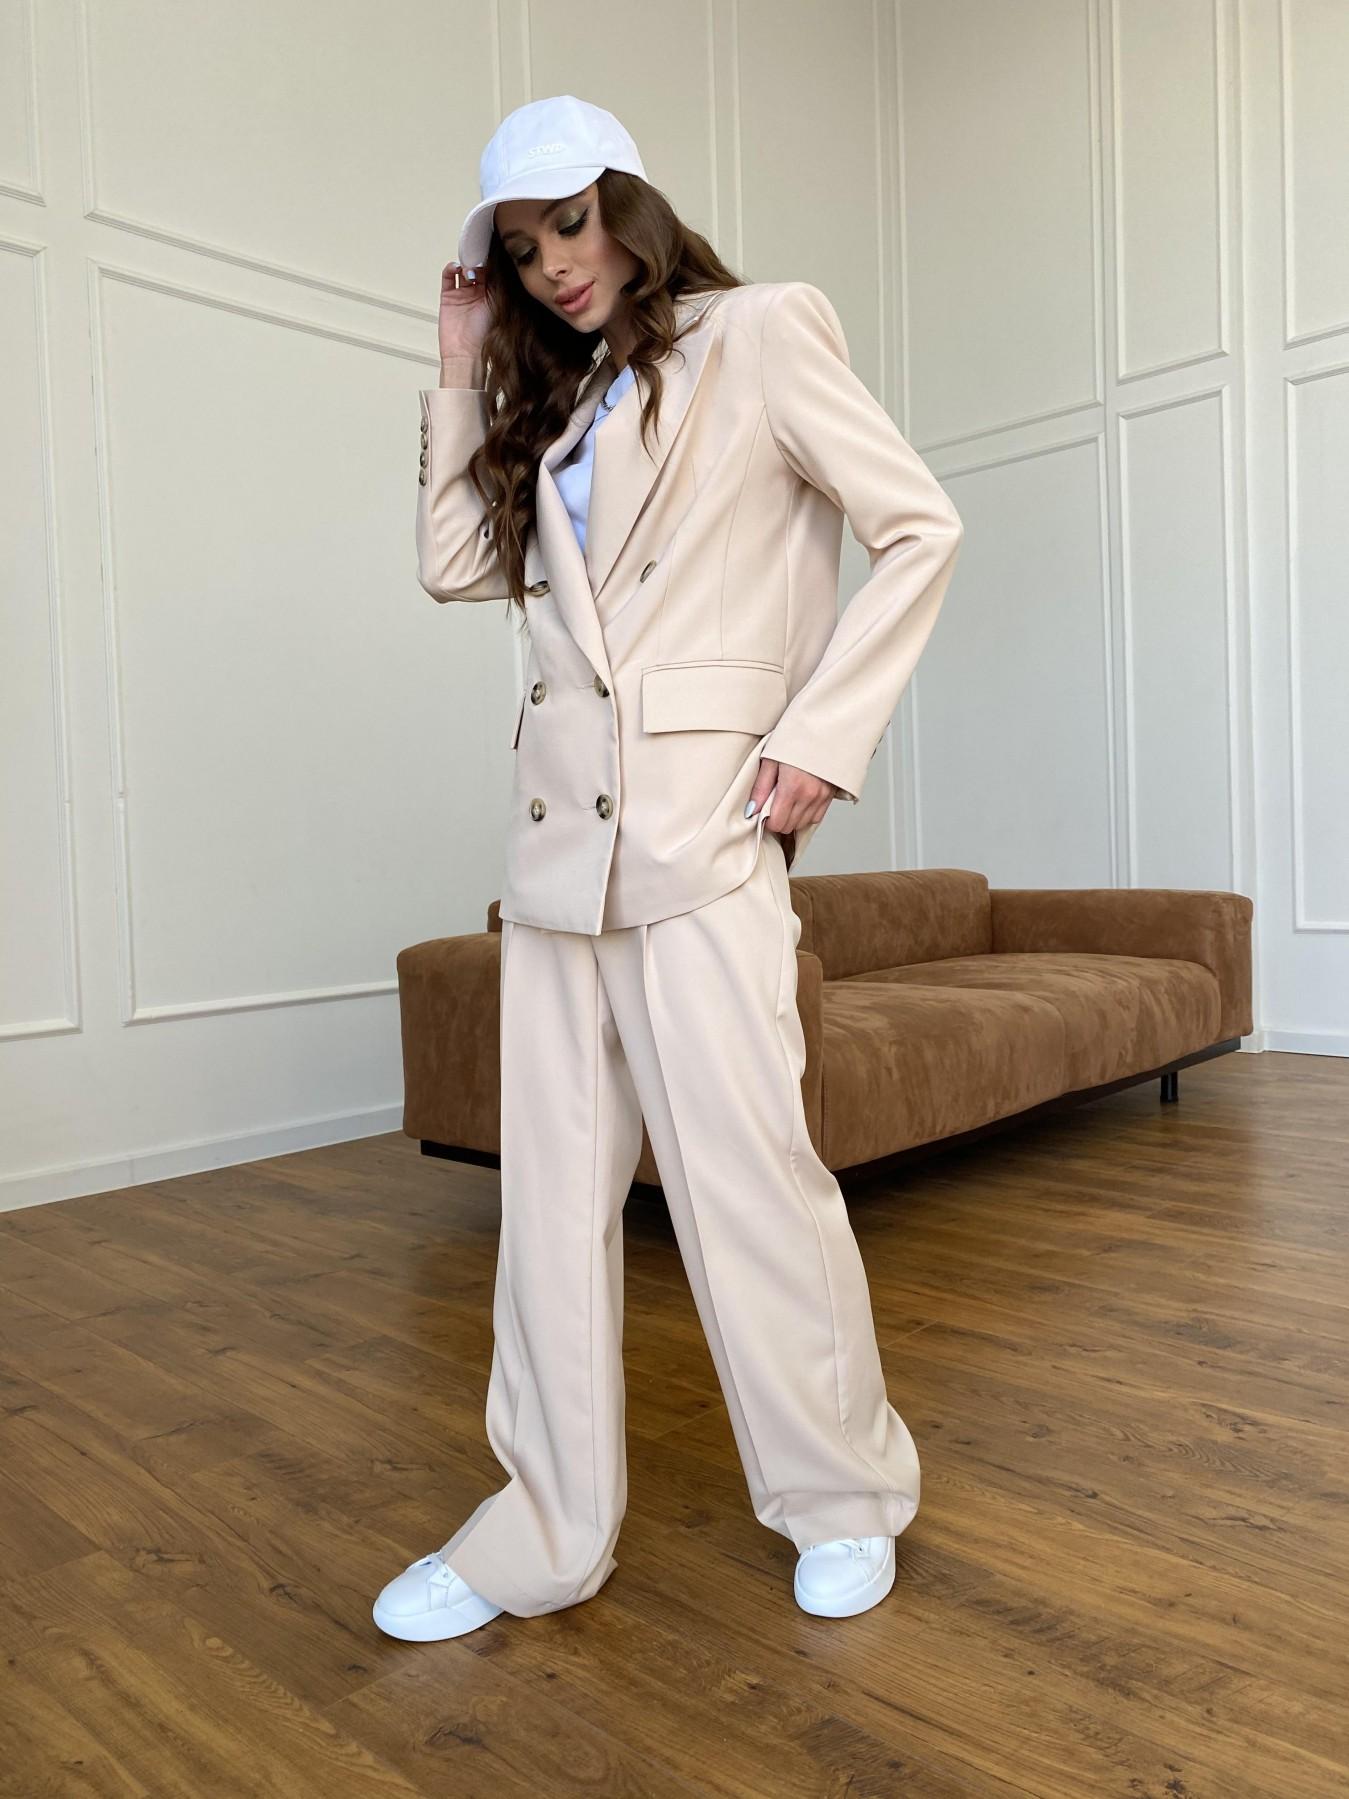 Белисимо  костюм стрейч из костюмной ткани 11217 АРТ. 47721 Цвет: Бежевый - фото 5, интернет магазин tm-modus.ru